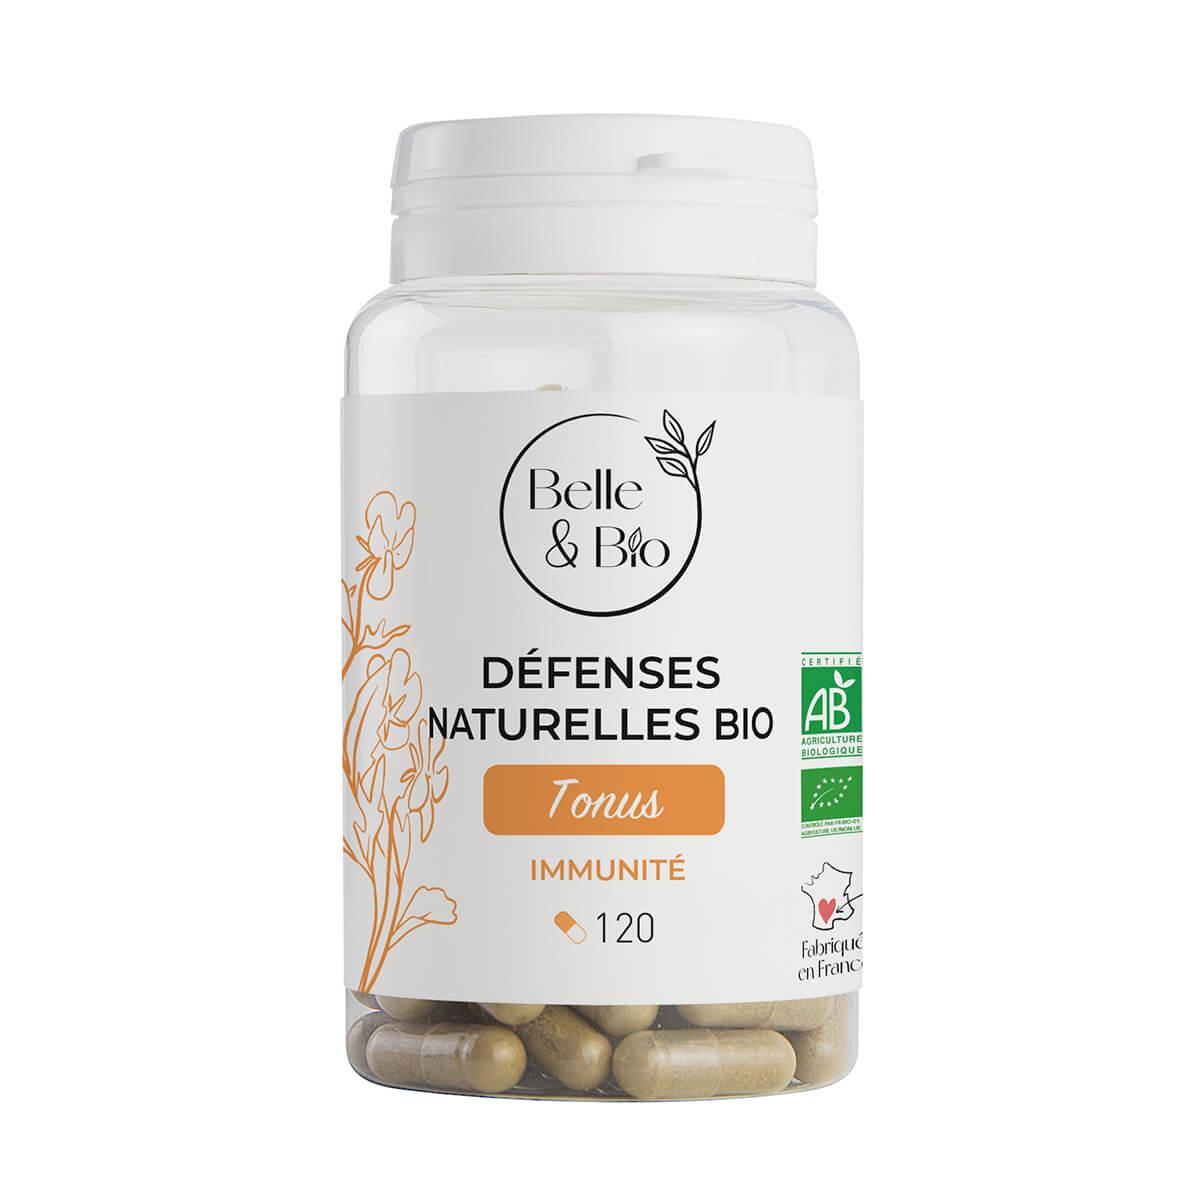 Belle & Bio - Defenses Naturelles Bio - 120 Gelules - Certifie AB par Ecocert